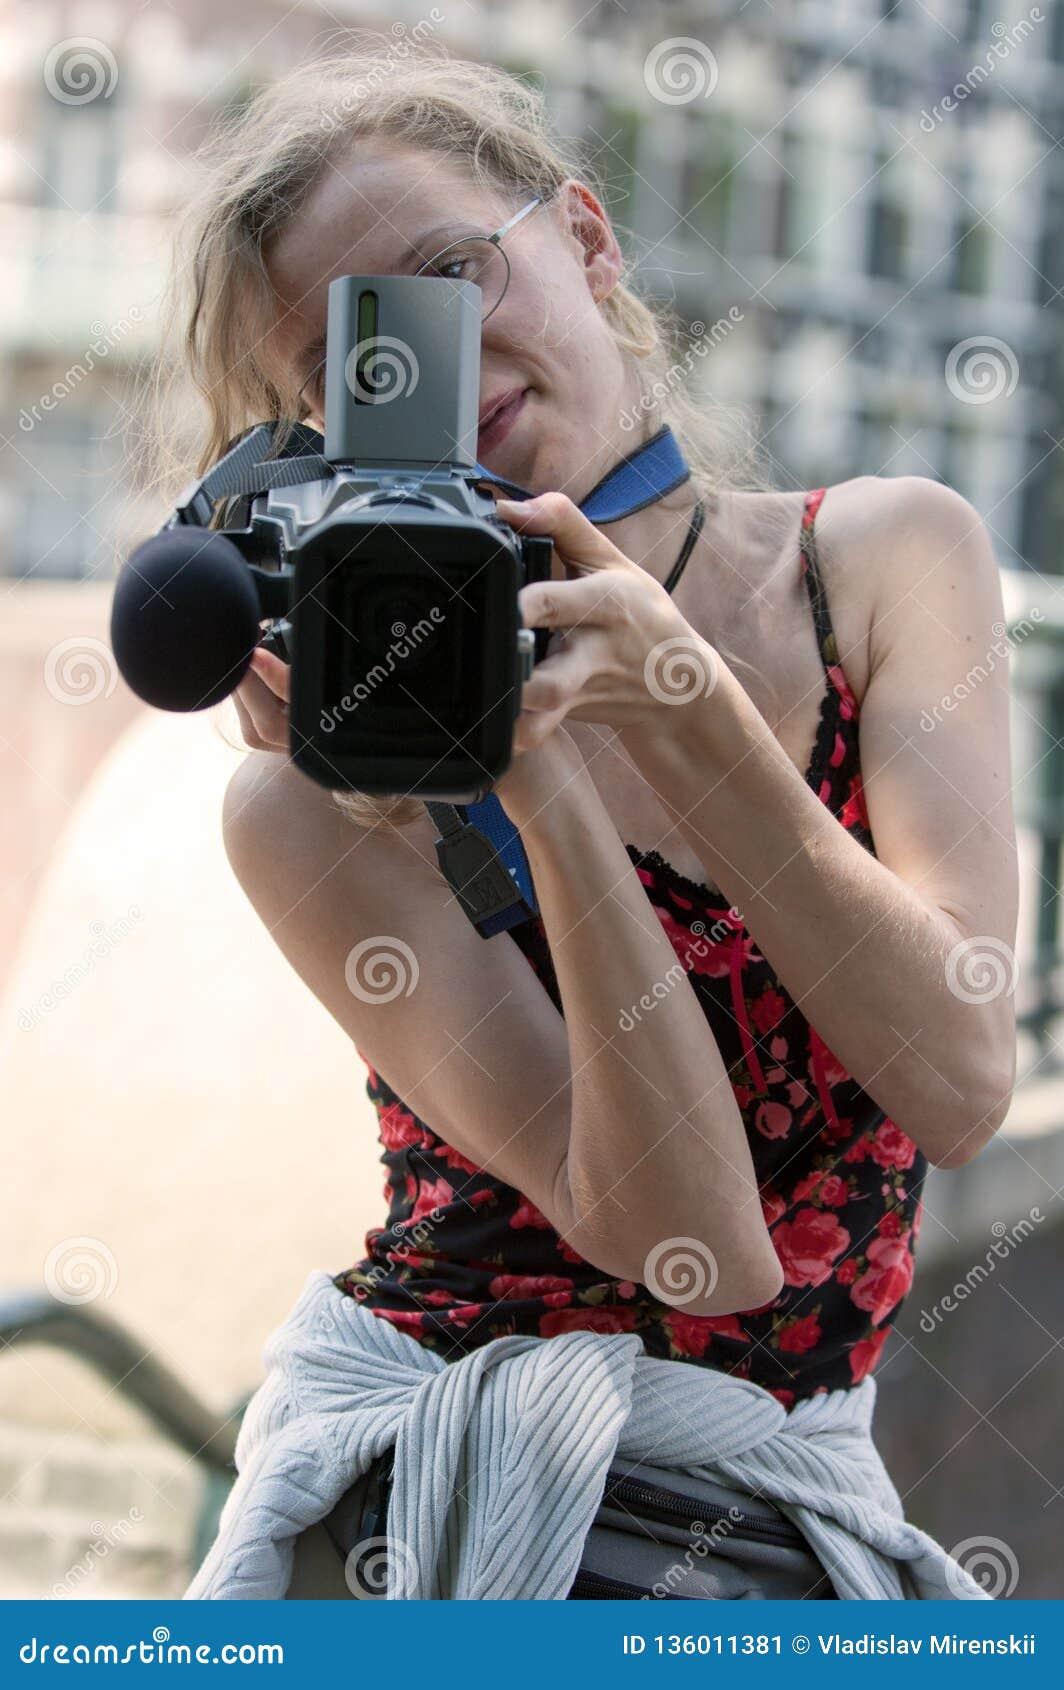 Portret van een meisje met een videocamera